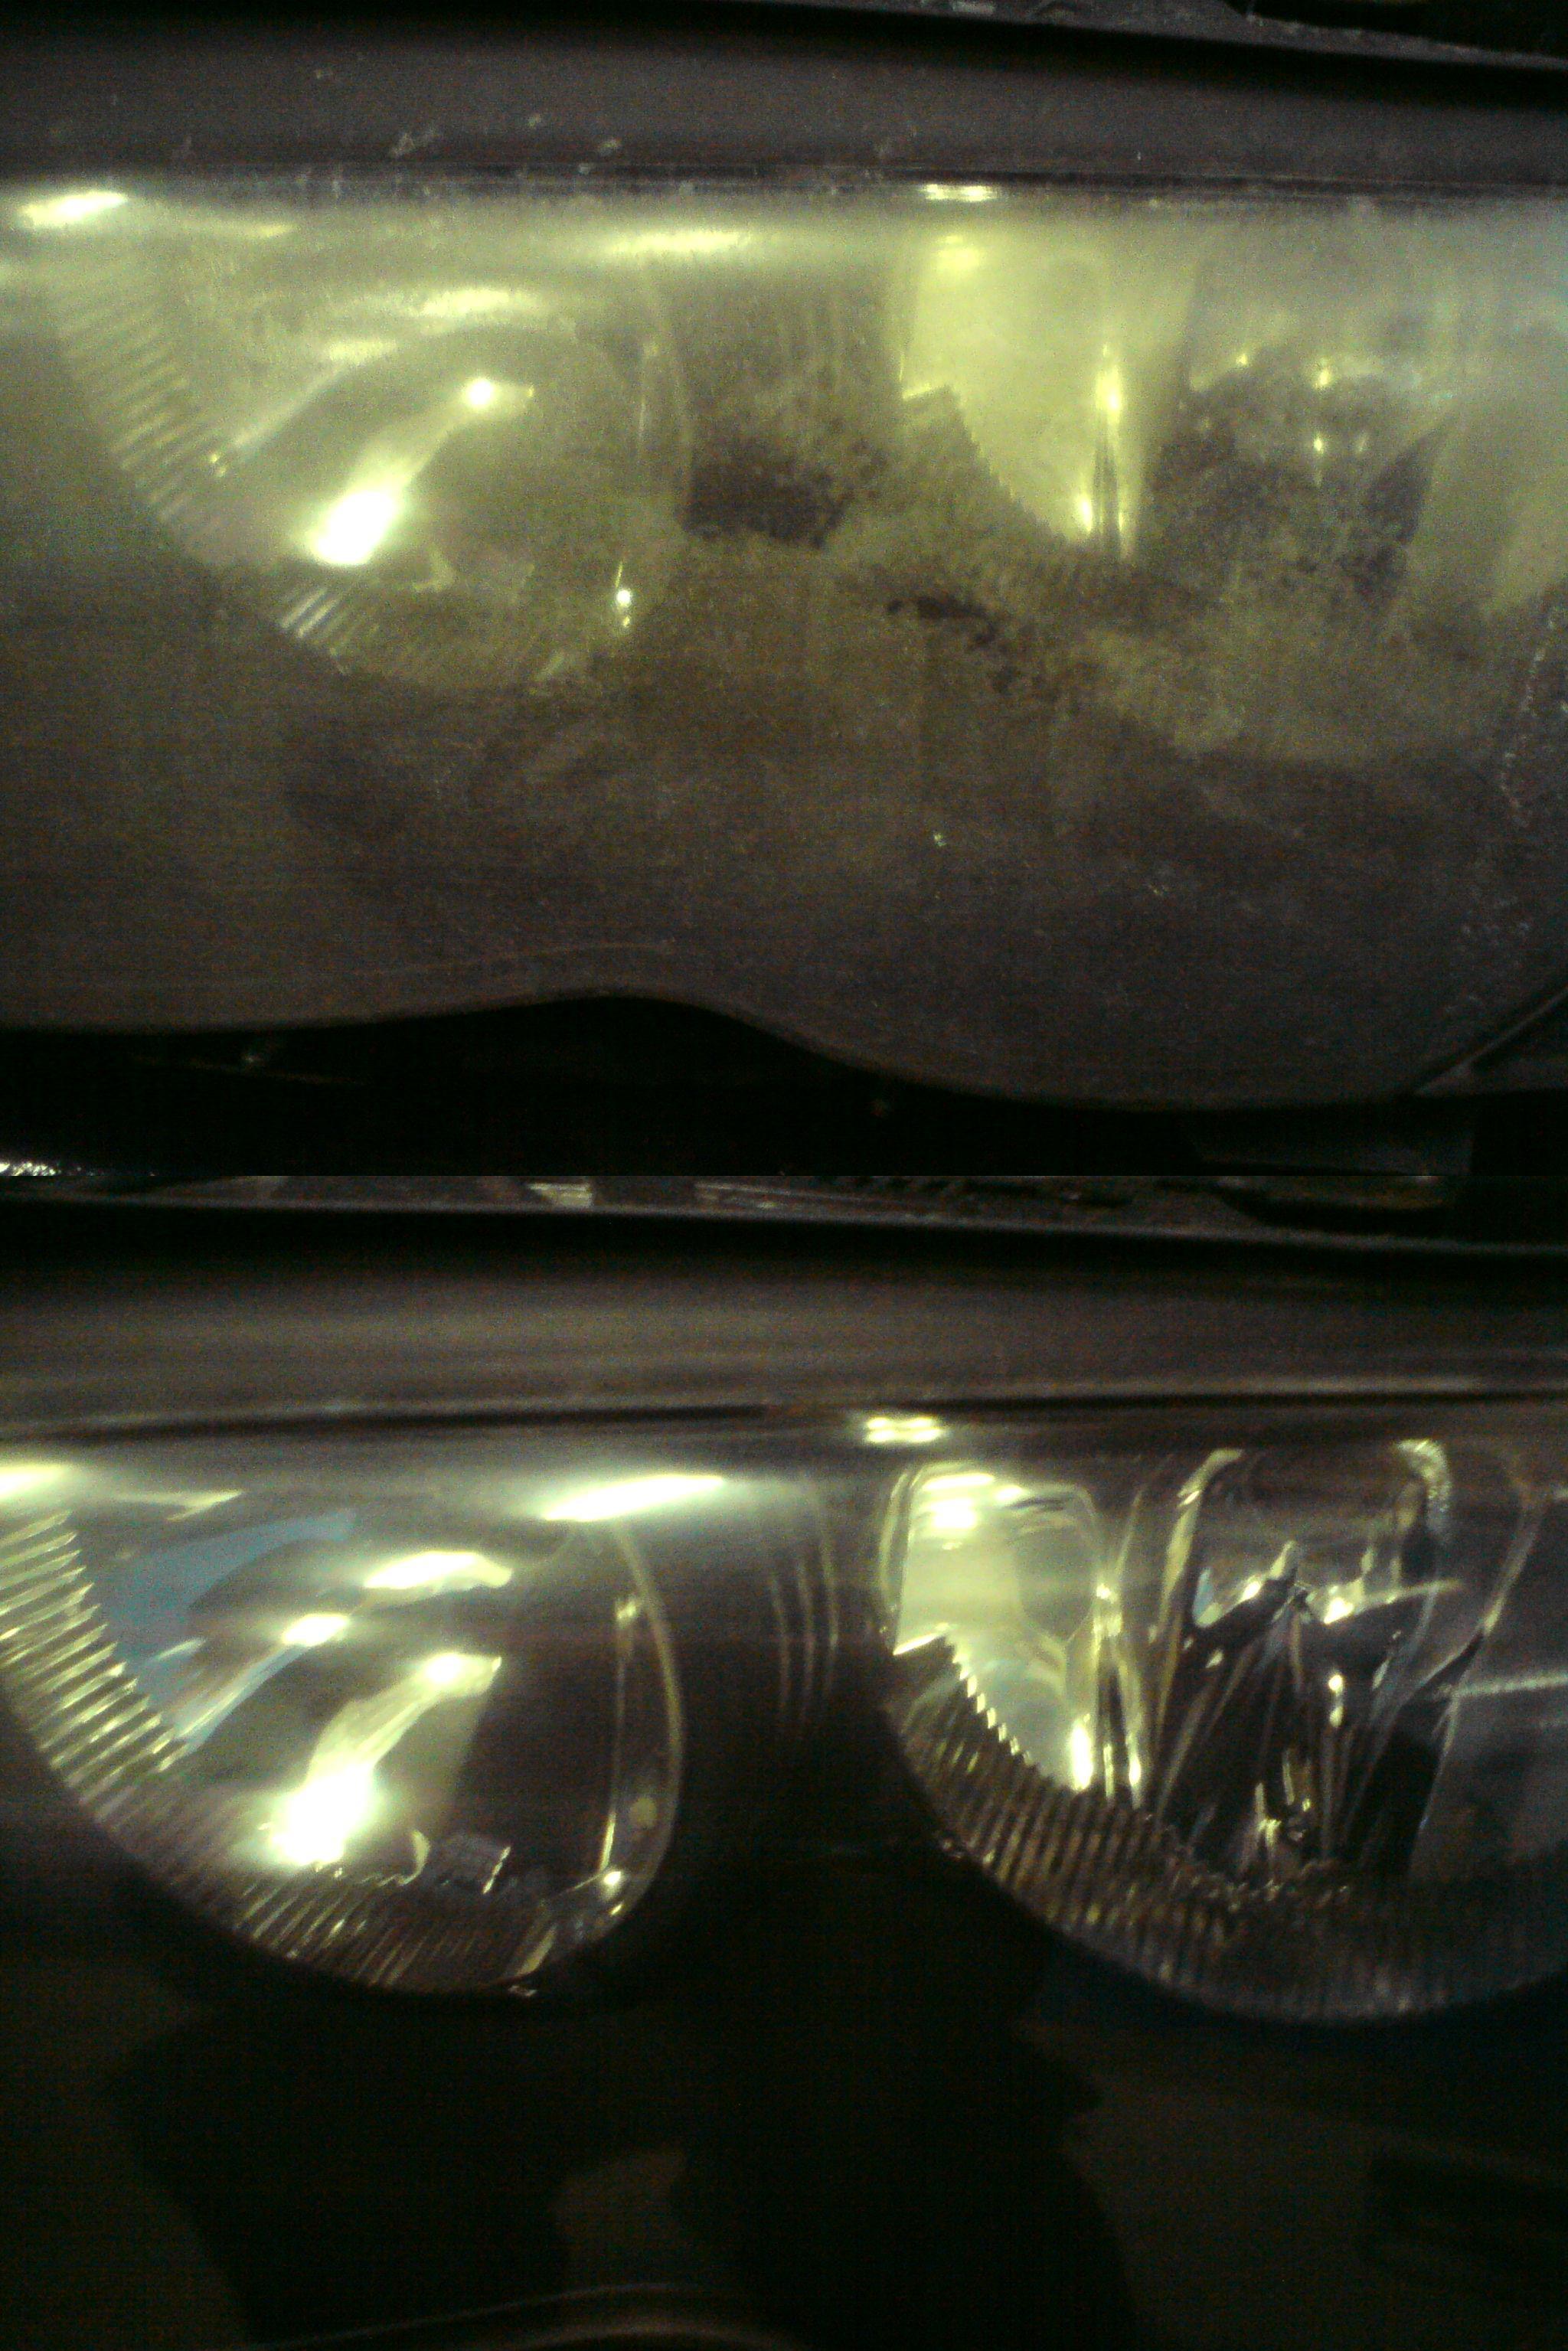 BMW Fényszóró polírozás